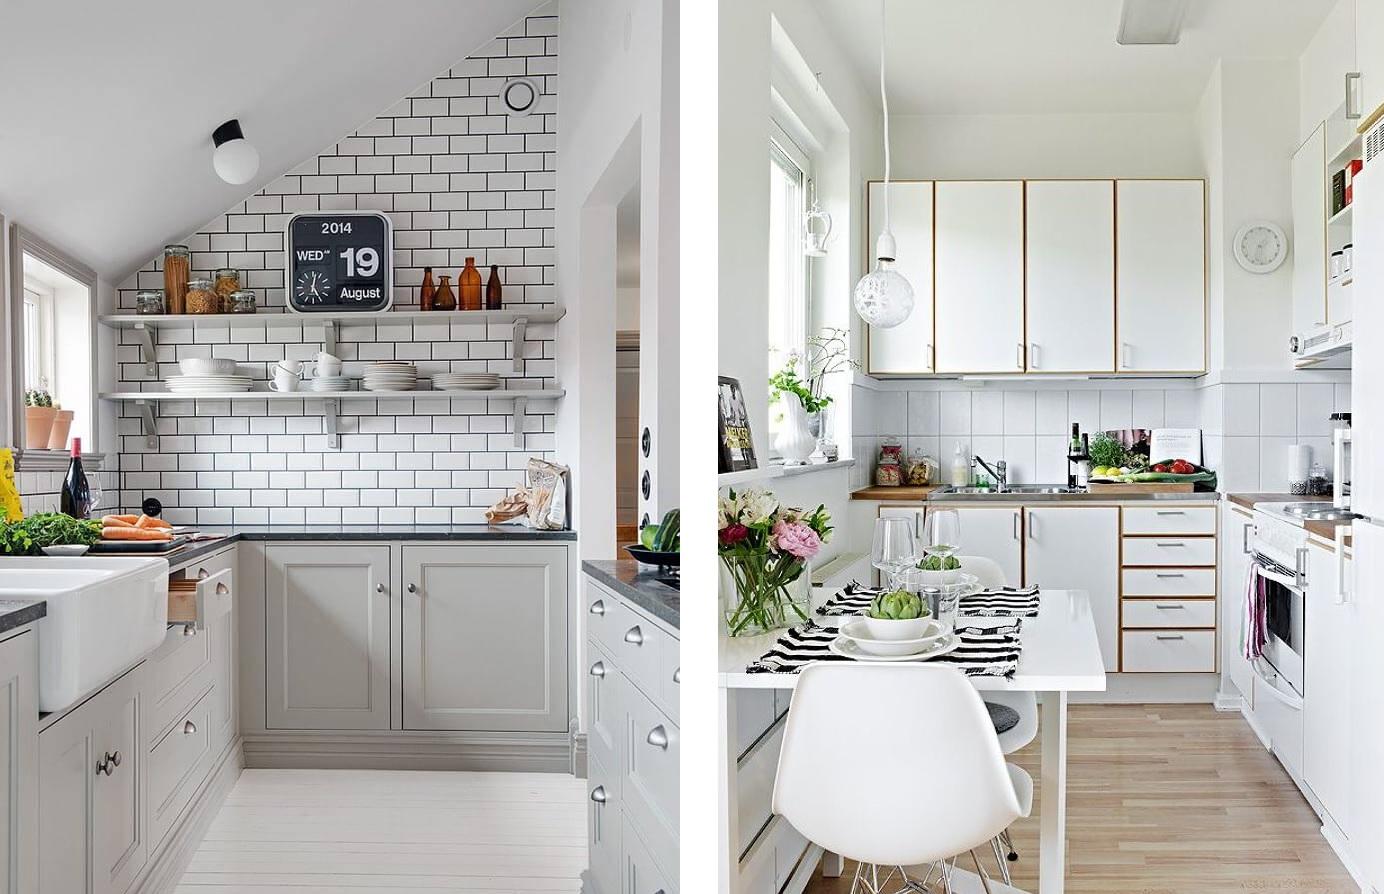 24 Fotos de cozinhas estreitas cheias de charme ~ Decoração e Ideias  #6A422F 1384 894